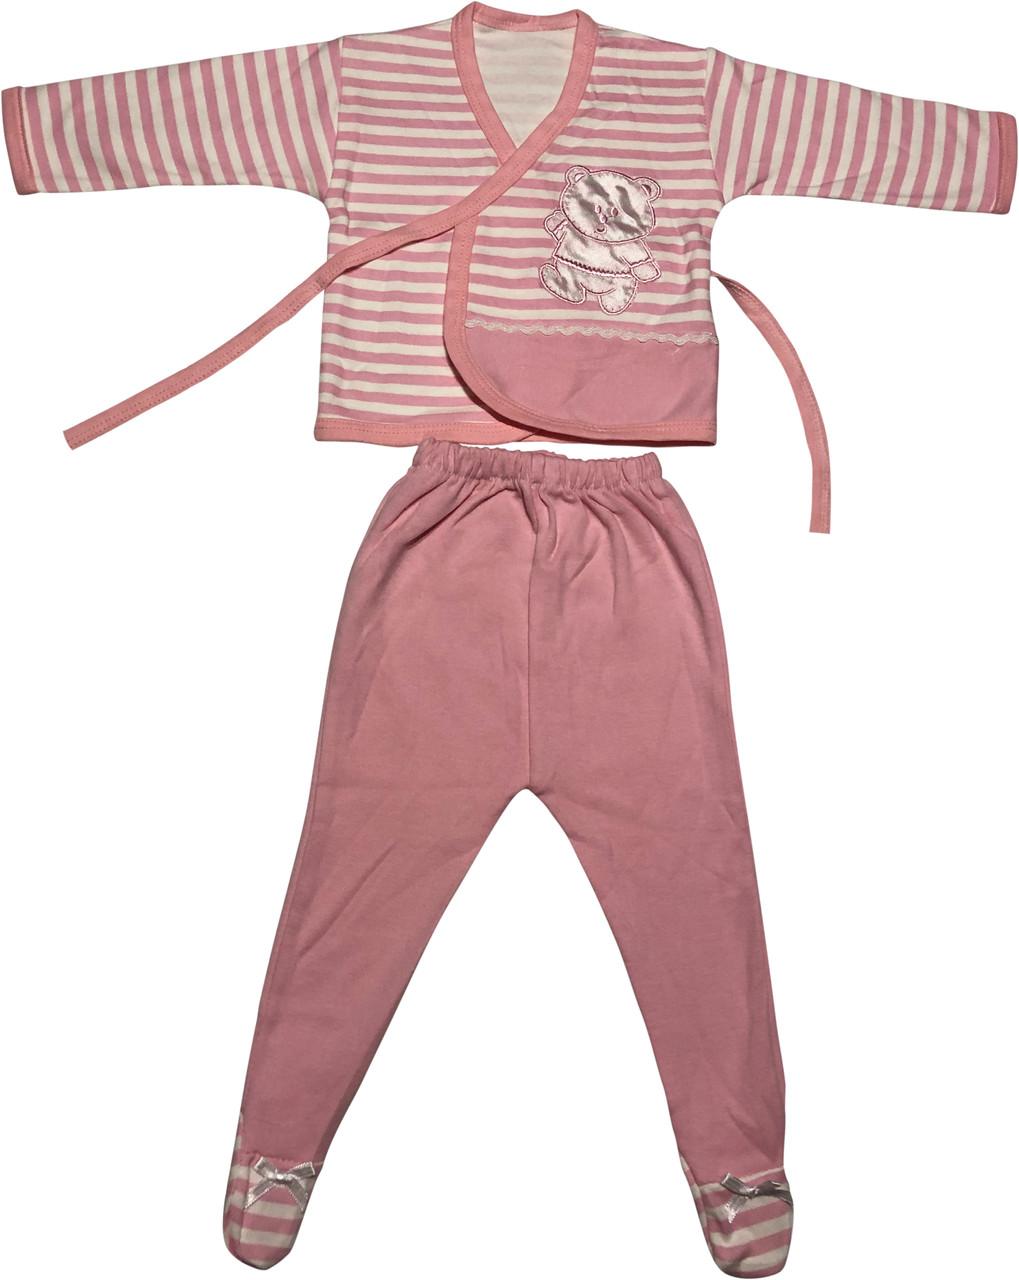 Дитячий костюм ріст 68 3-6 міс трикотажний рожевий костюмчик на дівчинку комплект для новонароджених малюків